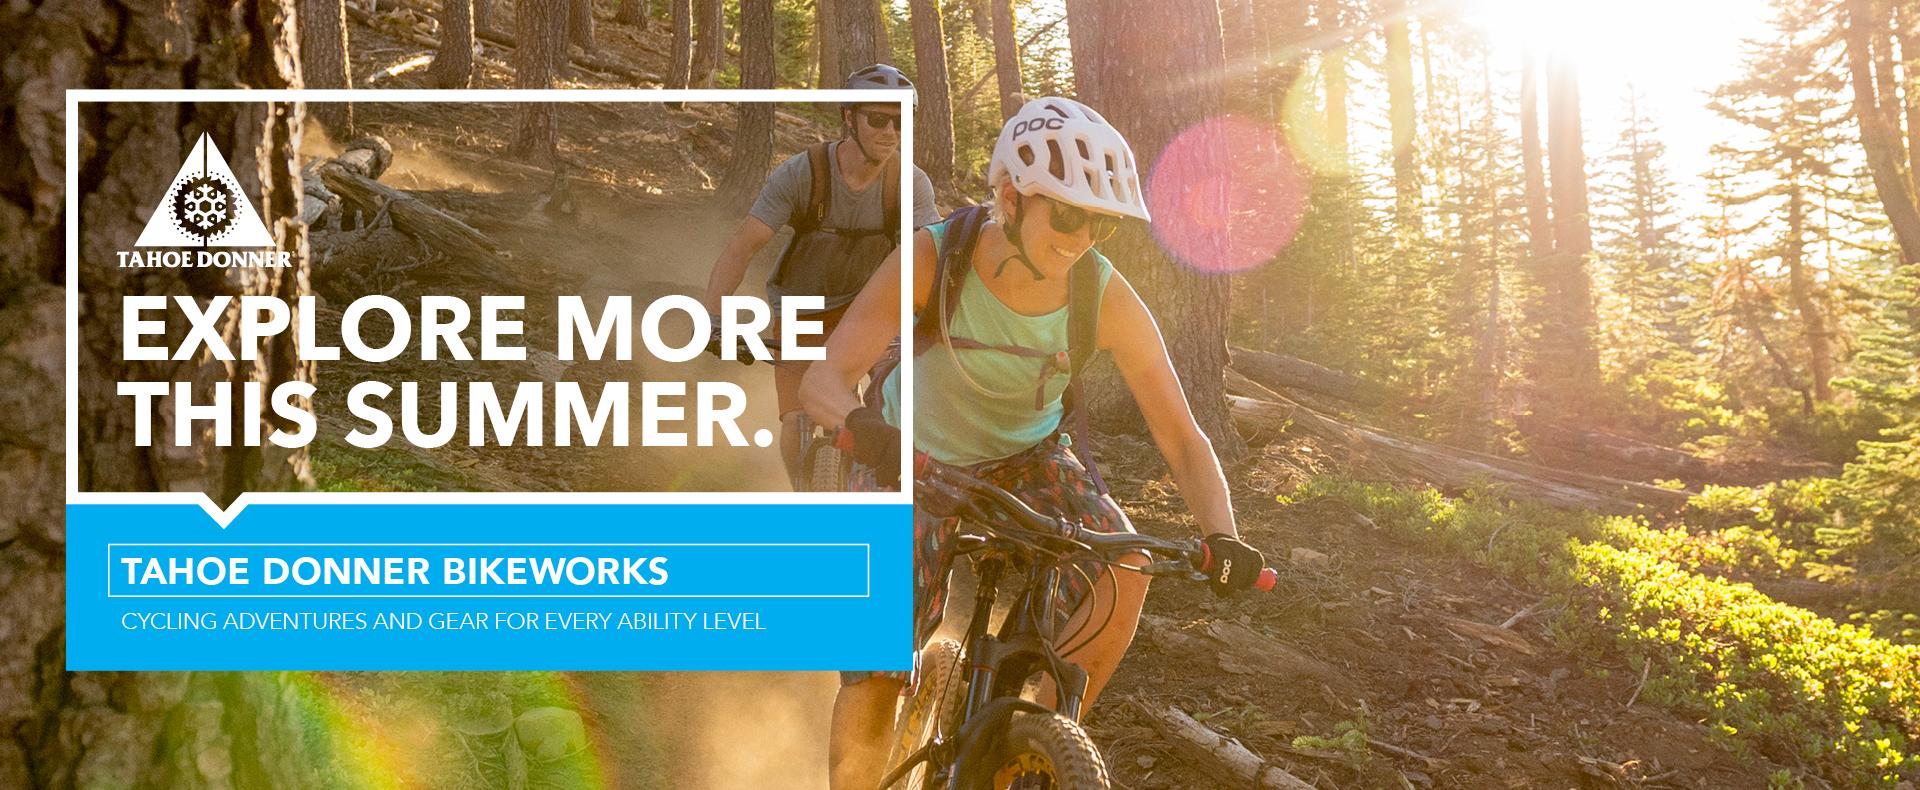 SummerCampaign_Bikeworks_WebPage_1920x790 v1 image